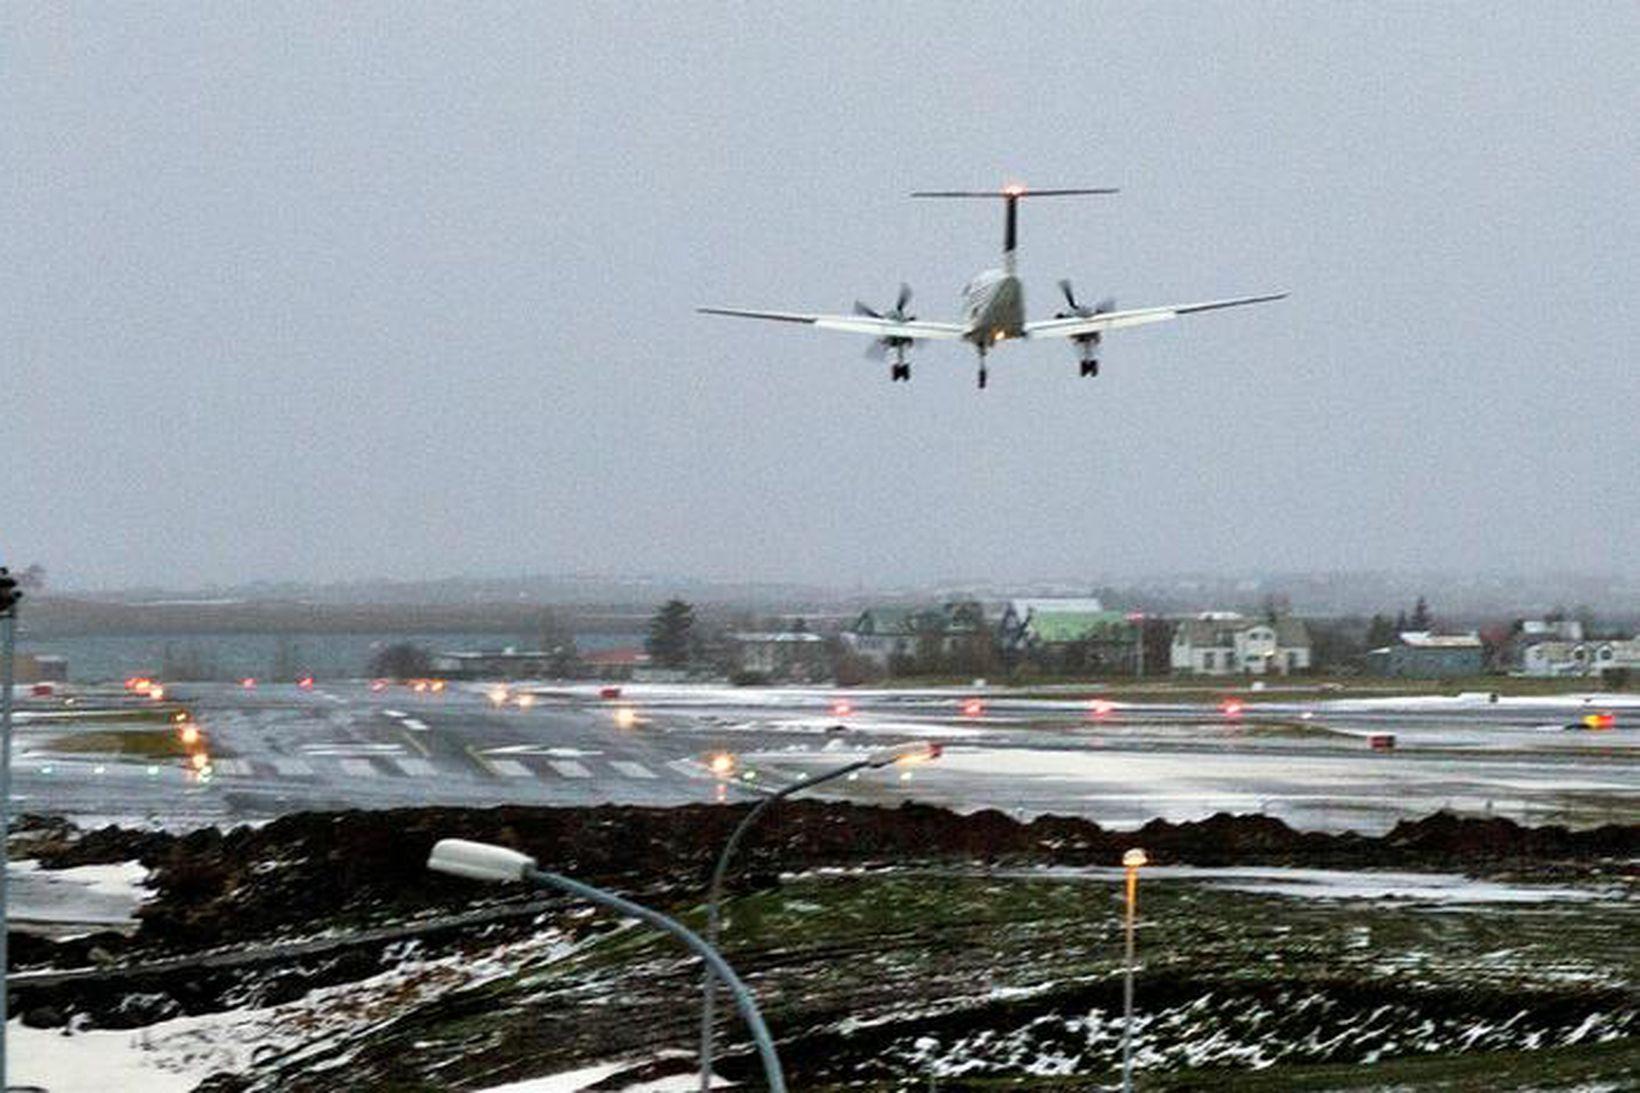 Sjúkraflug Mýflugs að lenda á neyðarbraut Reykjavíkurflugvallar.